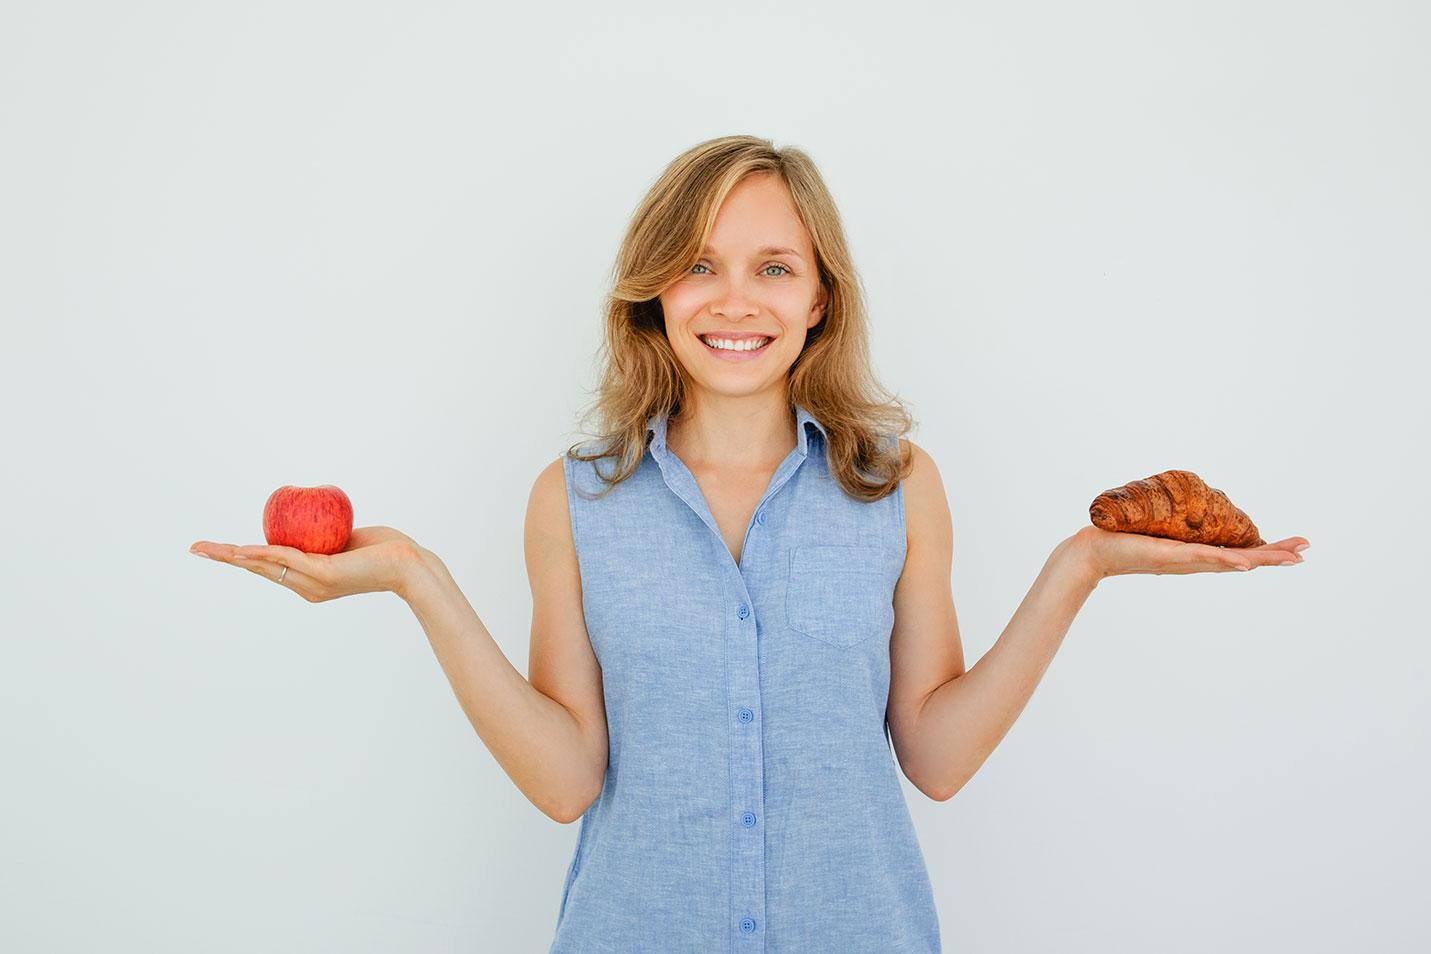 Как убрать жир с живота, боков и бедер?